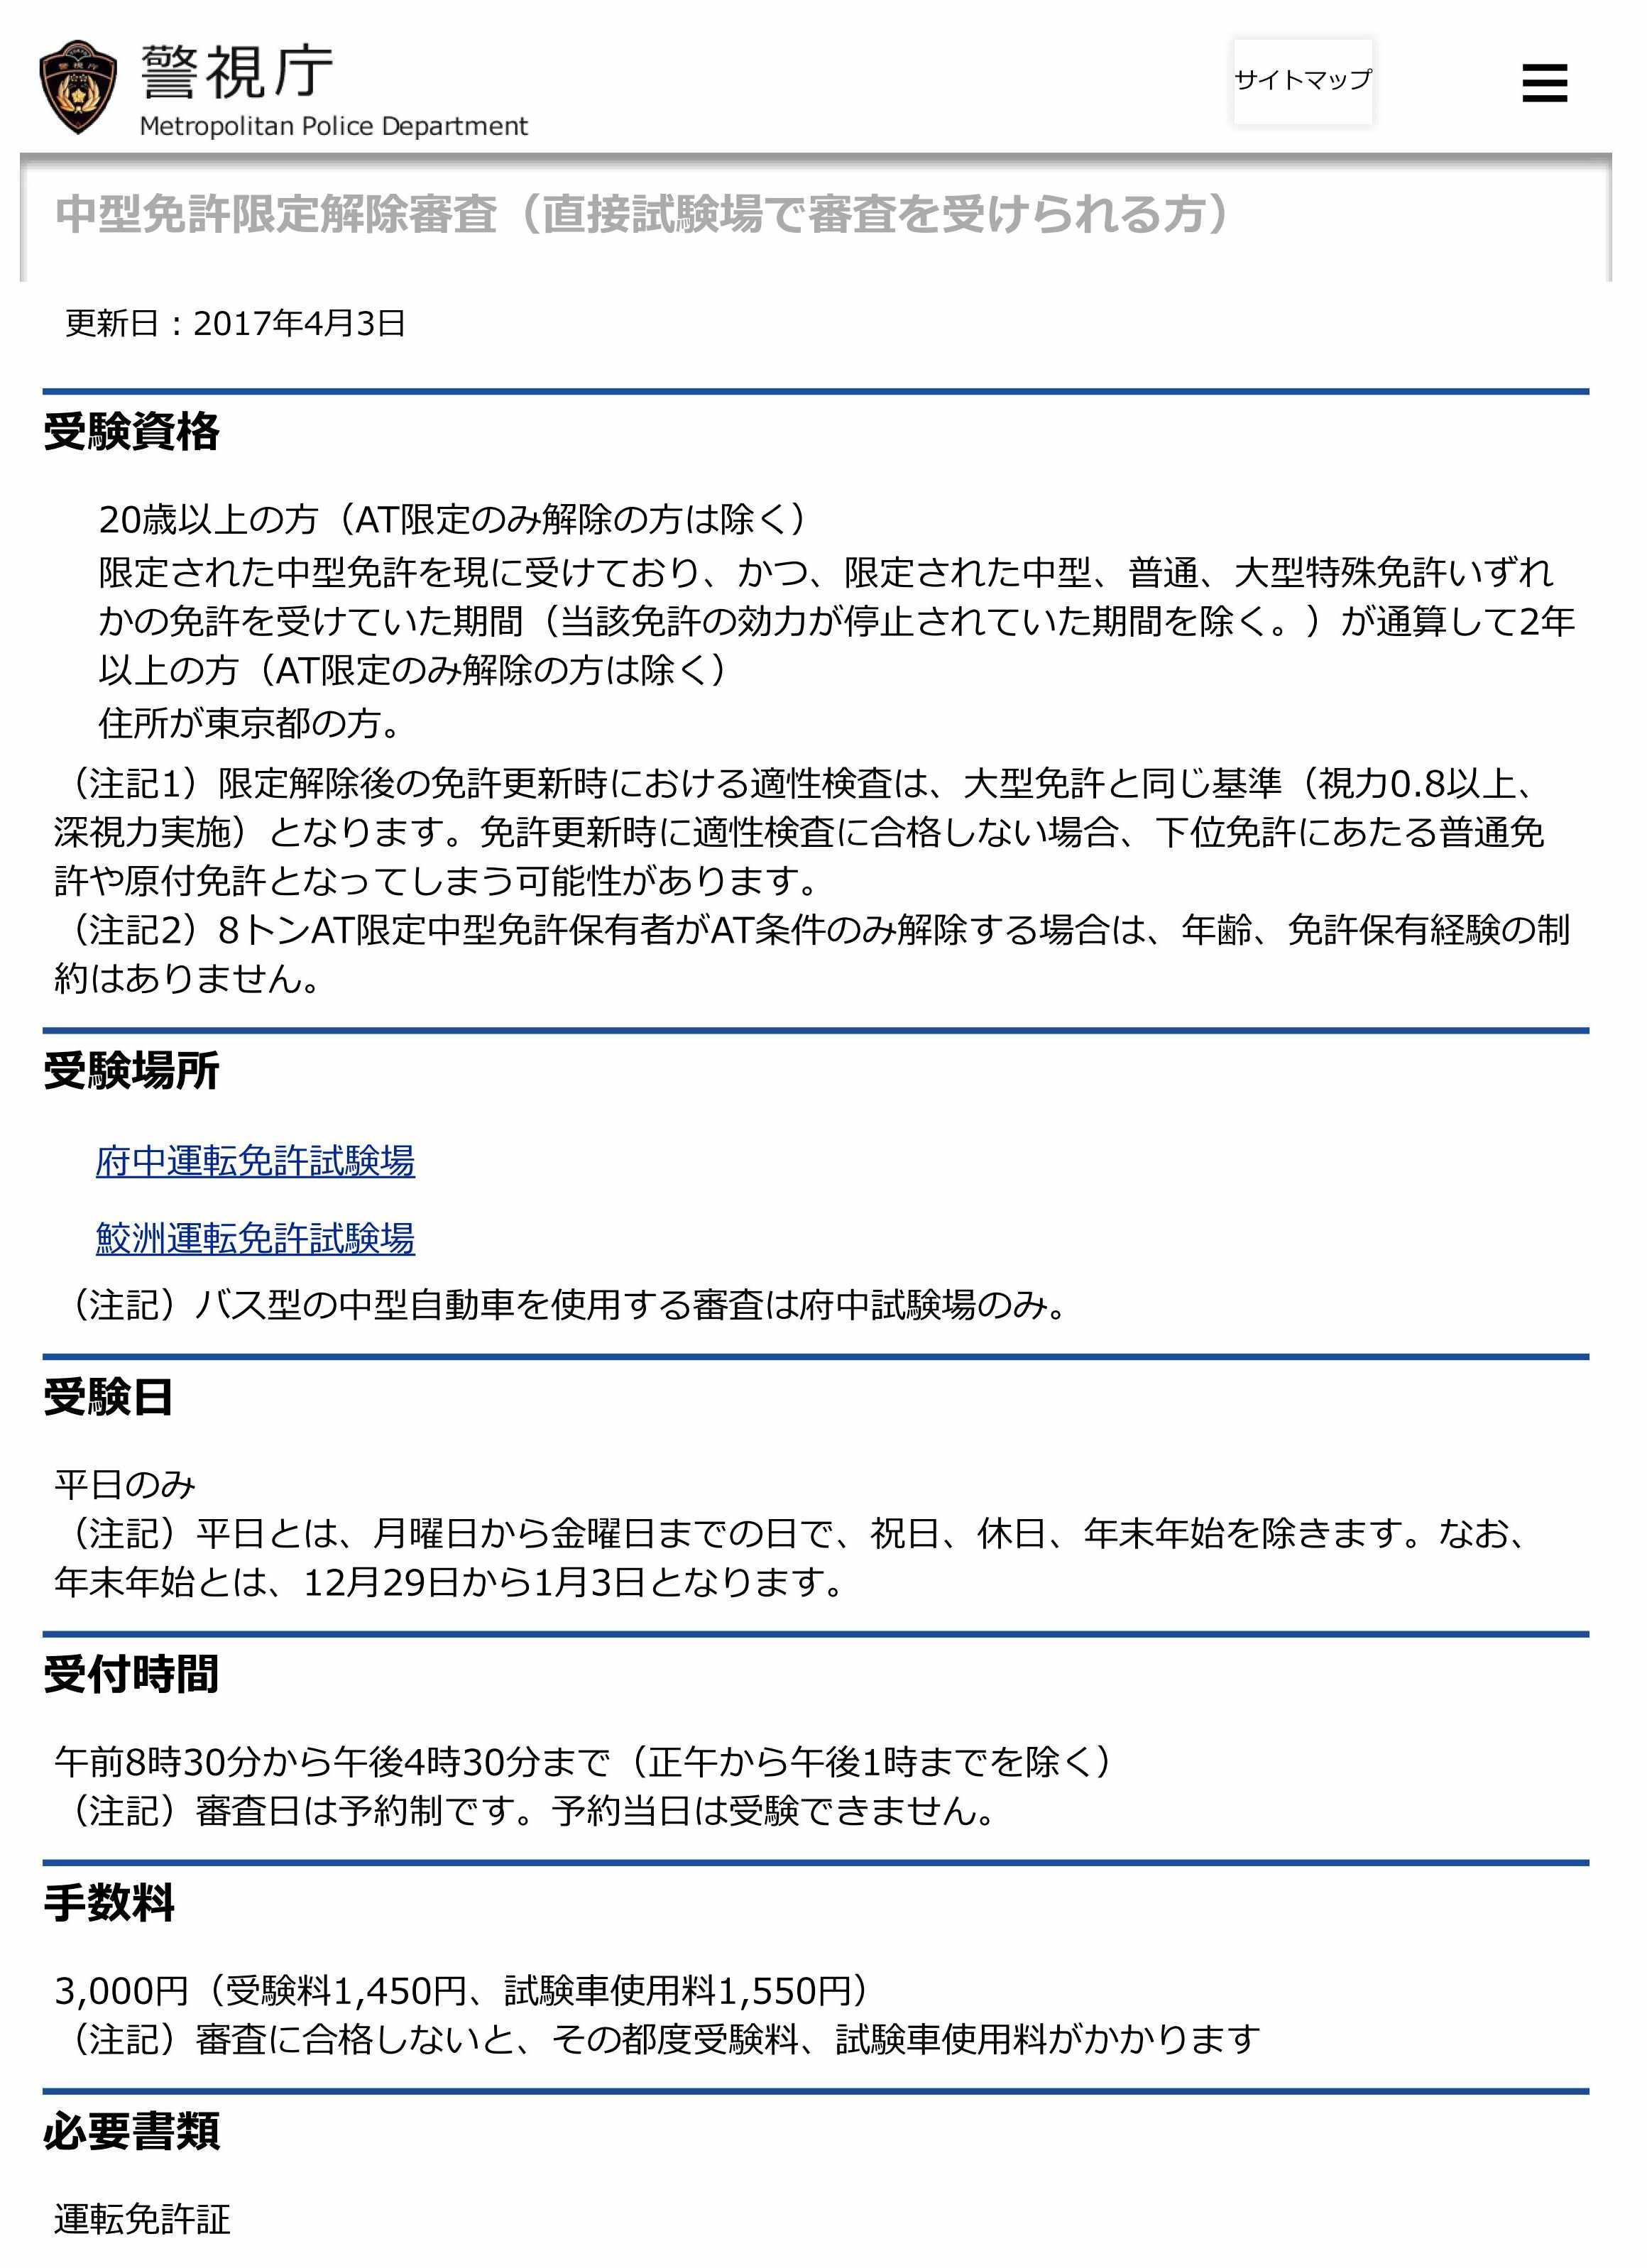 中型免許限定解除審査(直接試験場で審査を受けられる方) 警視庁_01